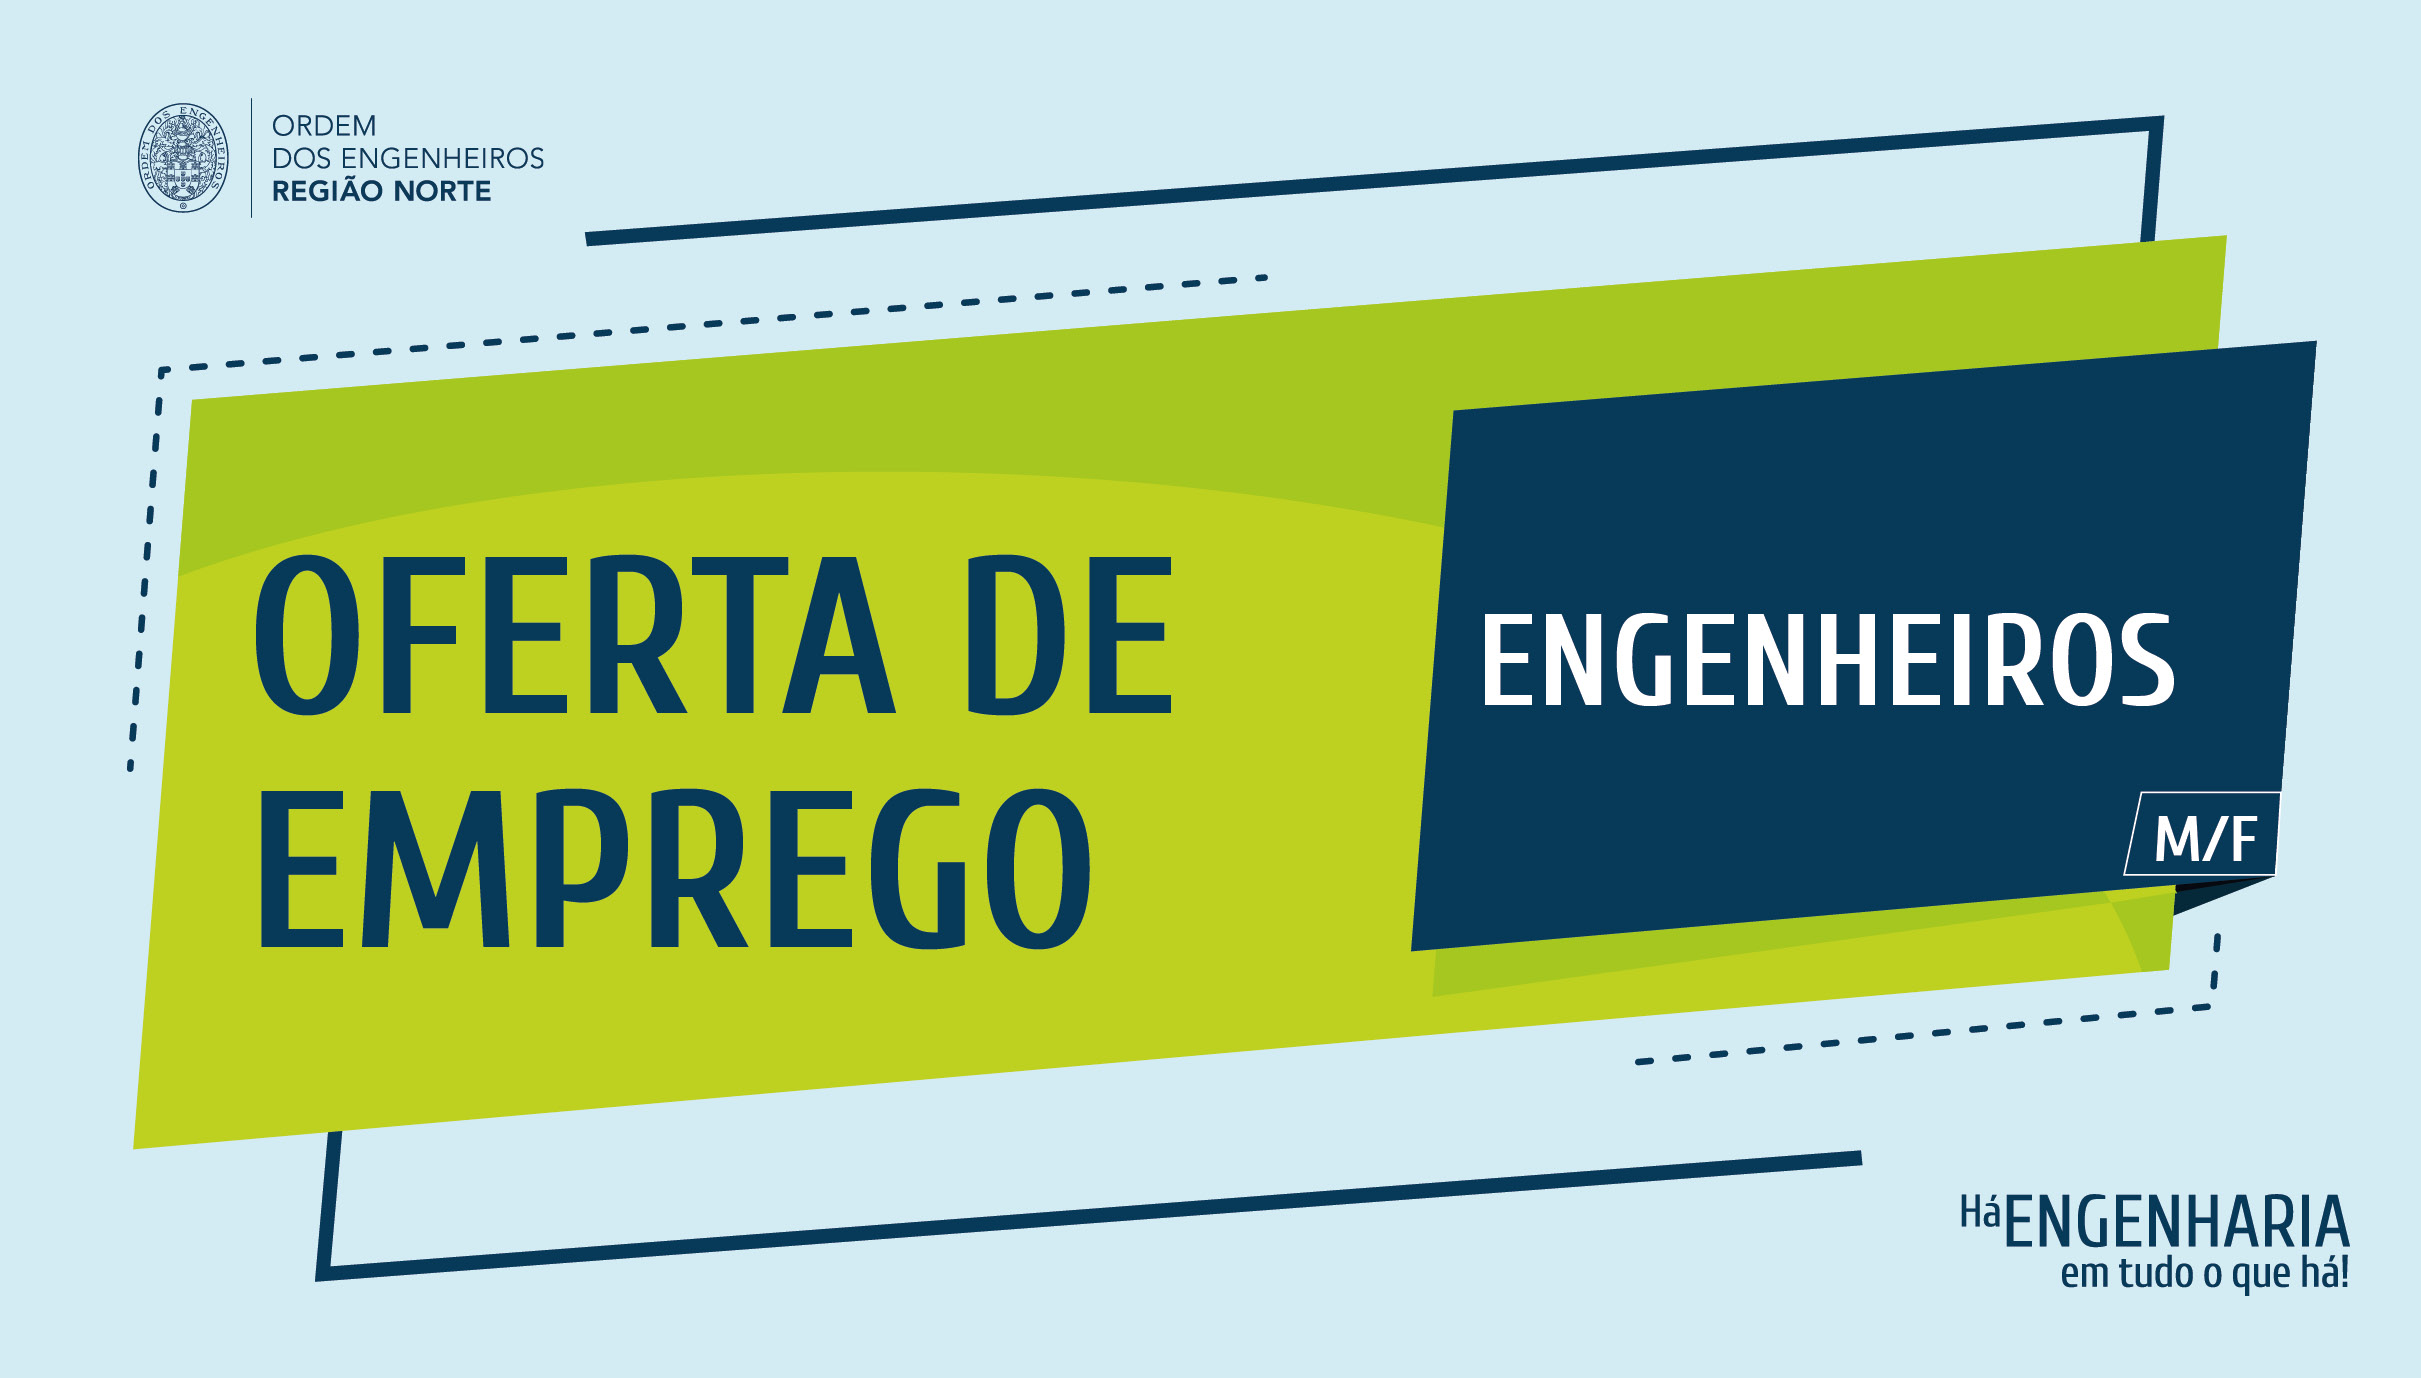 Plataforma Notícias Ordem Engenheiros Região Norte - [Emprego] Valor Triplo recruta engenheiros/as